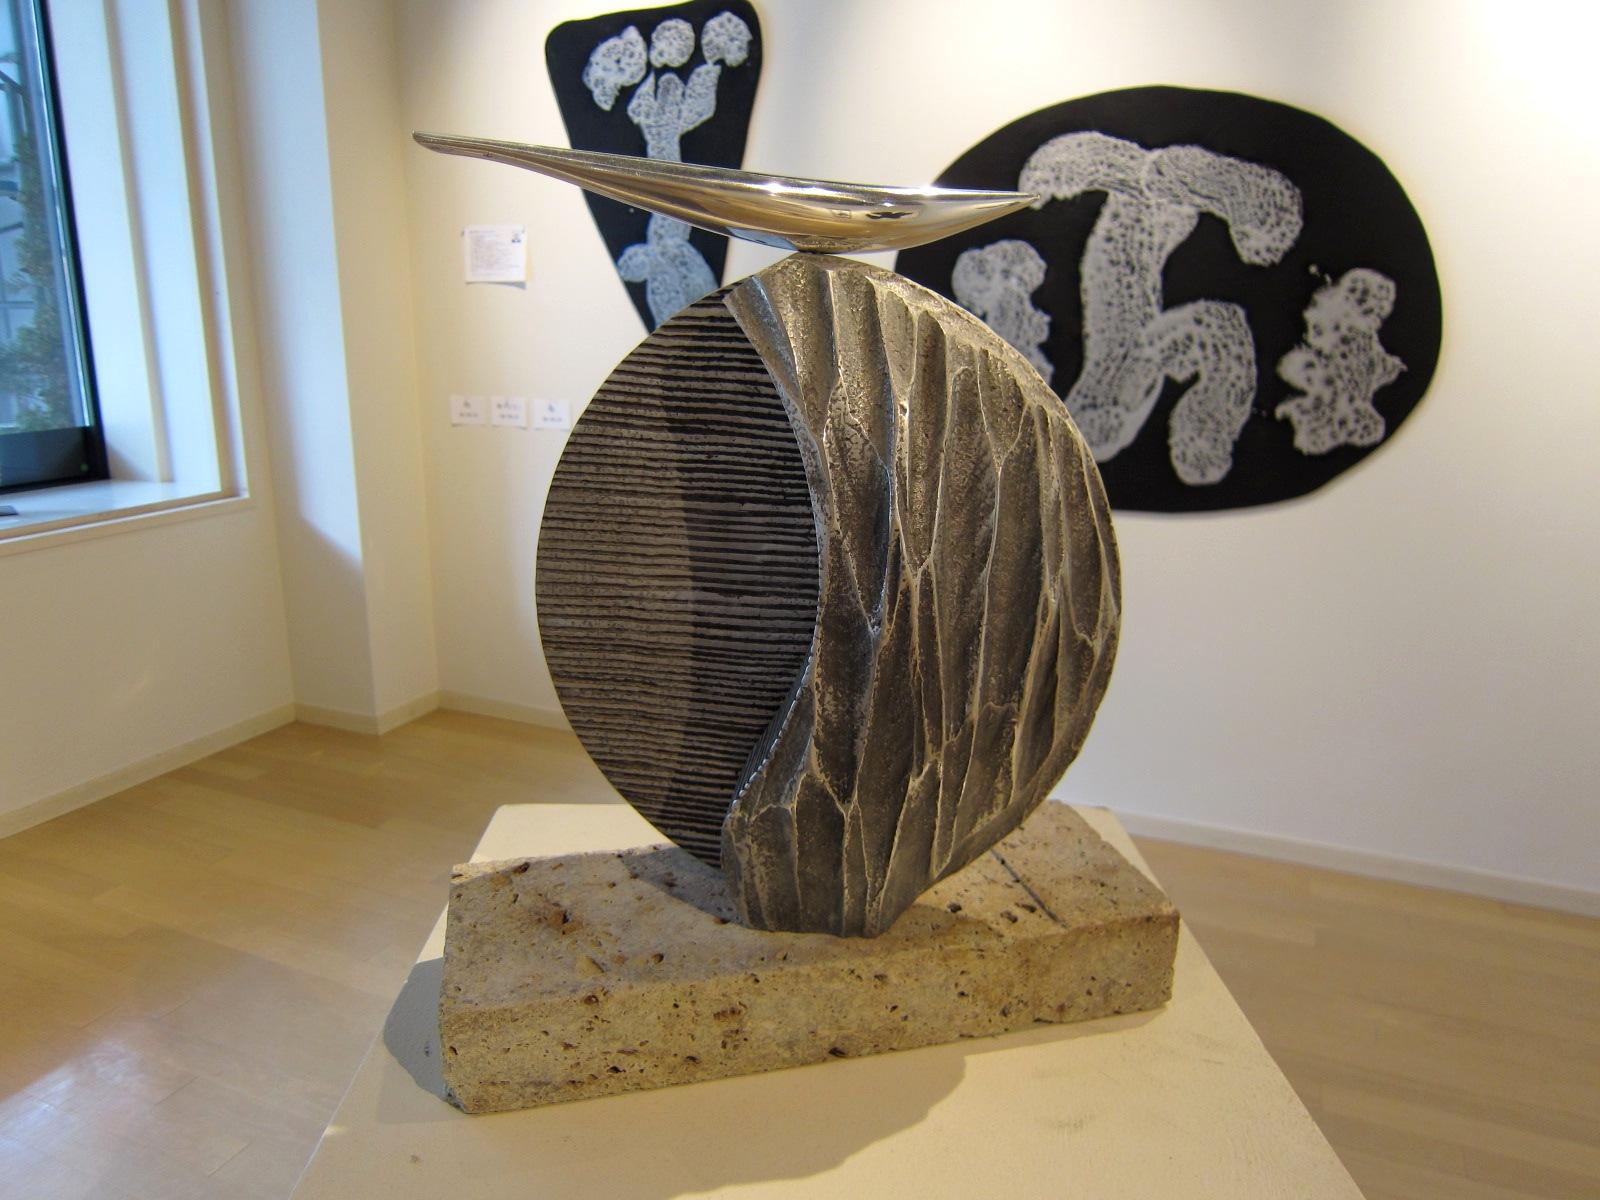 2065)「[現代書と彫刻のコラボレーション] -環境空間アートの提案-」 エッセ 5月21日(火)~5月26日(日)_f0126829_10485261.jpg